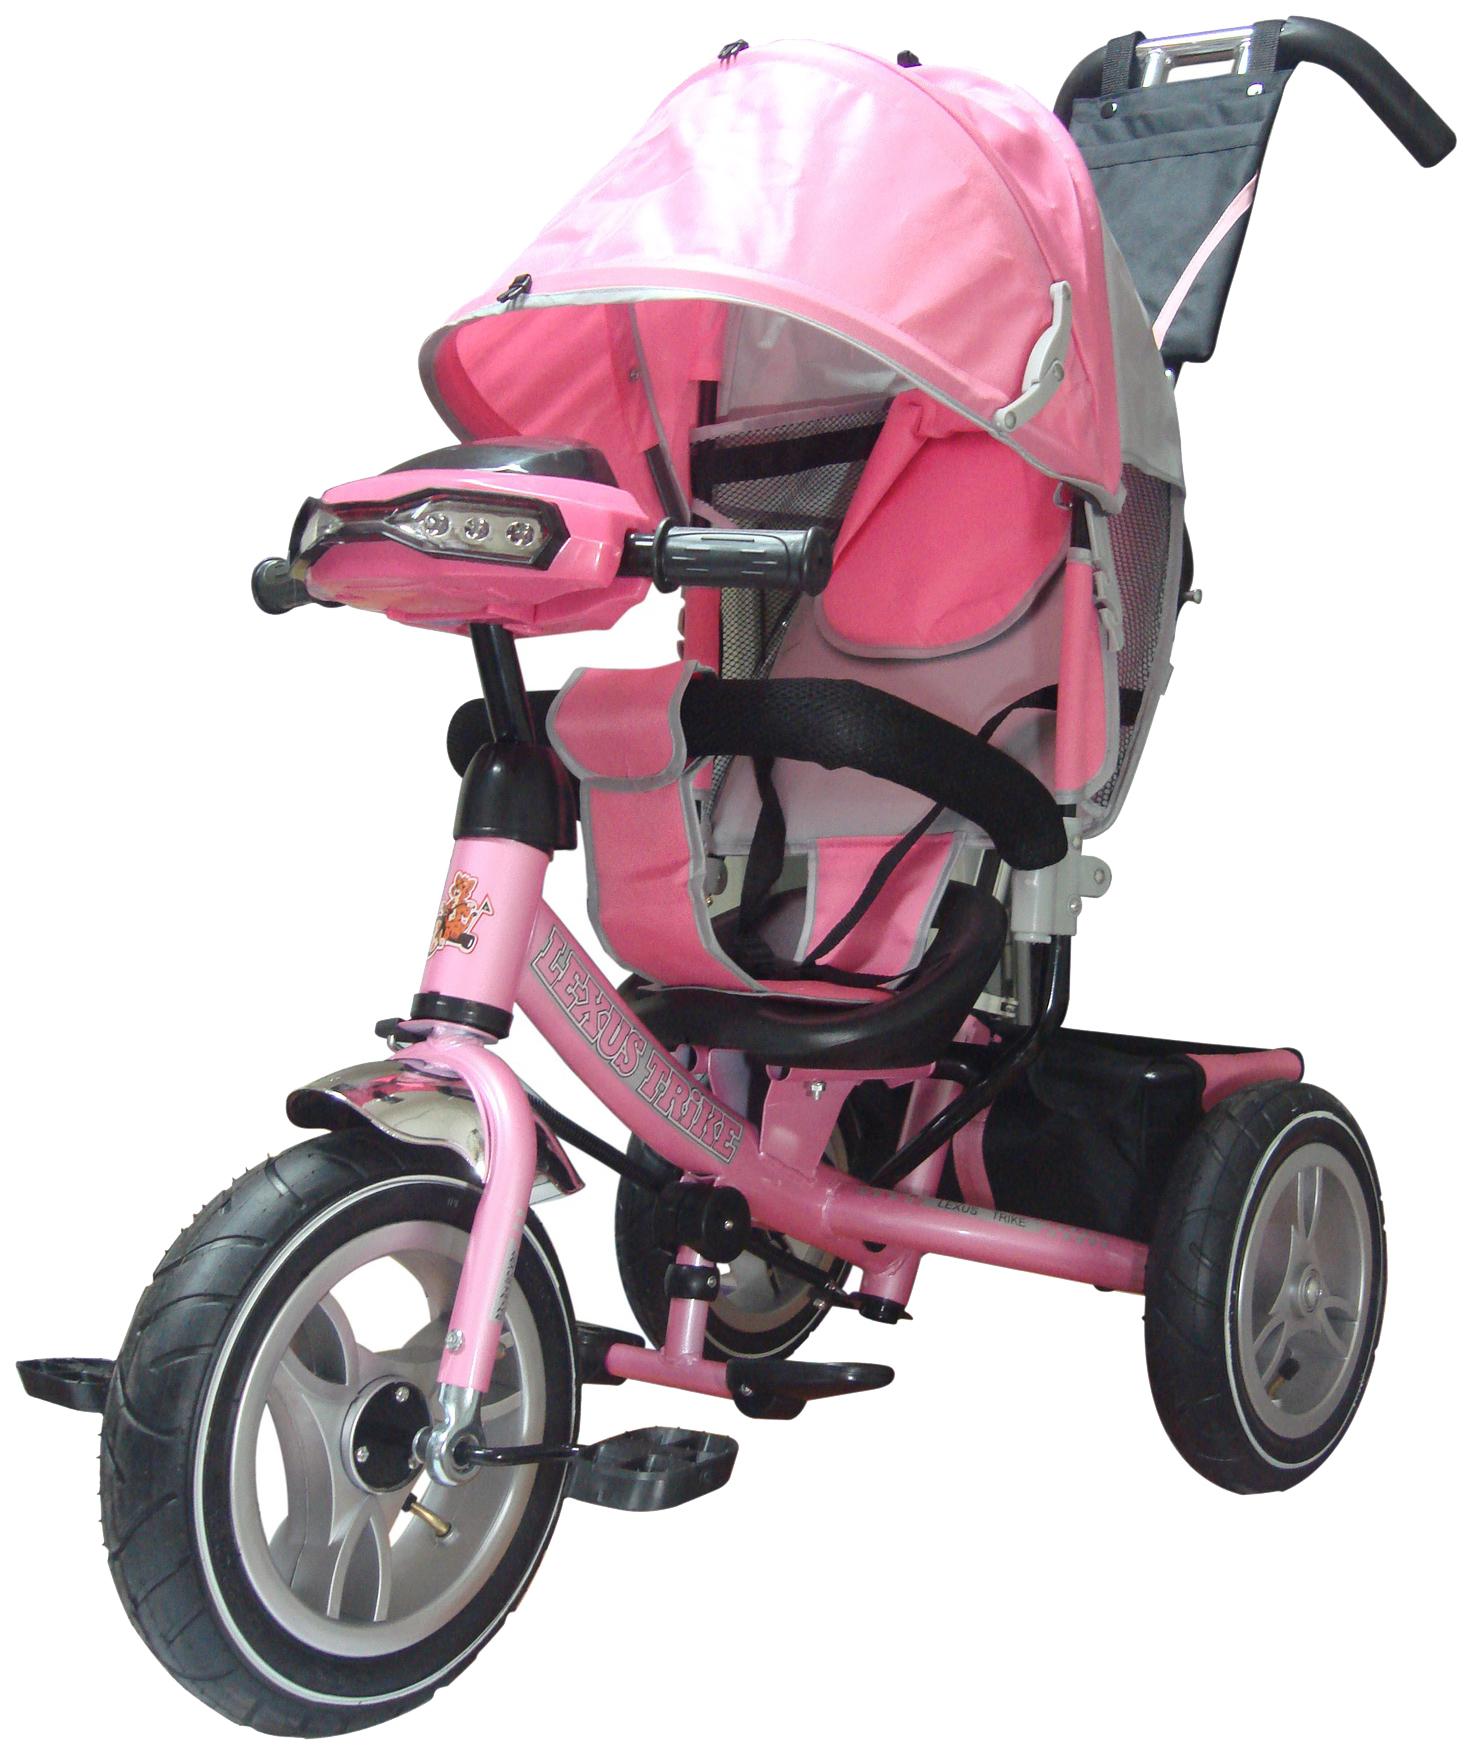 Трёхколёсный велосипед Funny Jaguar Lexus Racer Trike Air с музыкальной панелью розовый